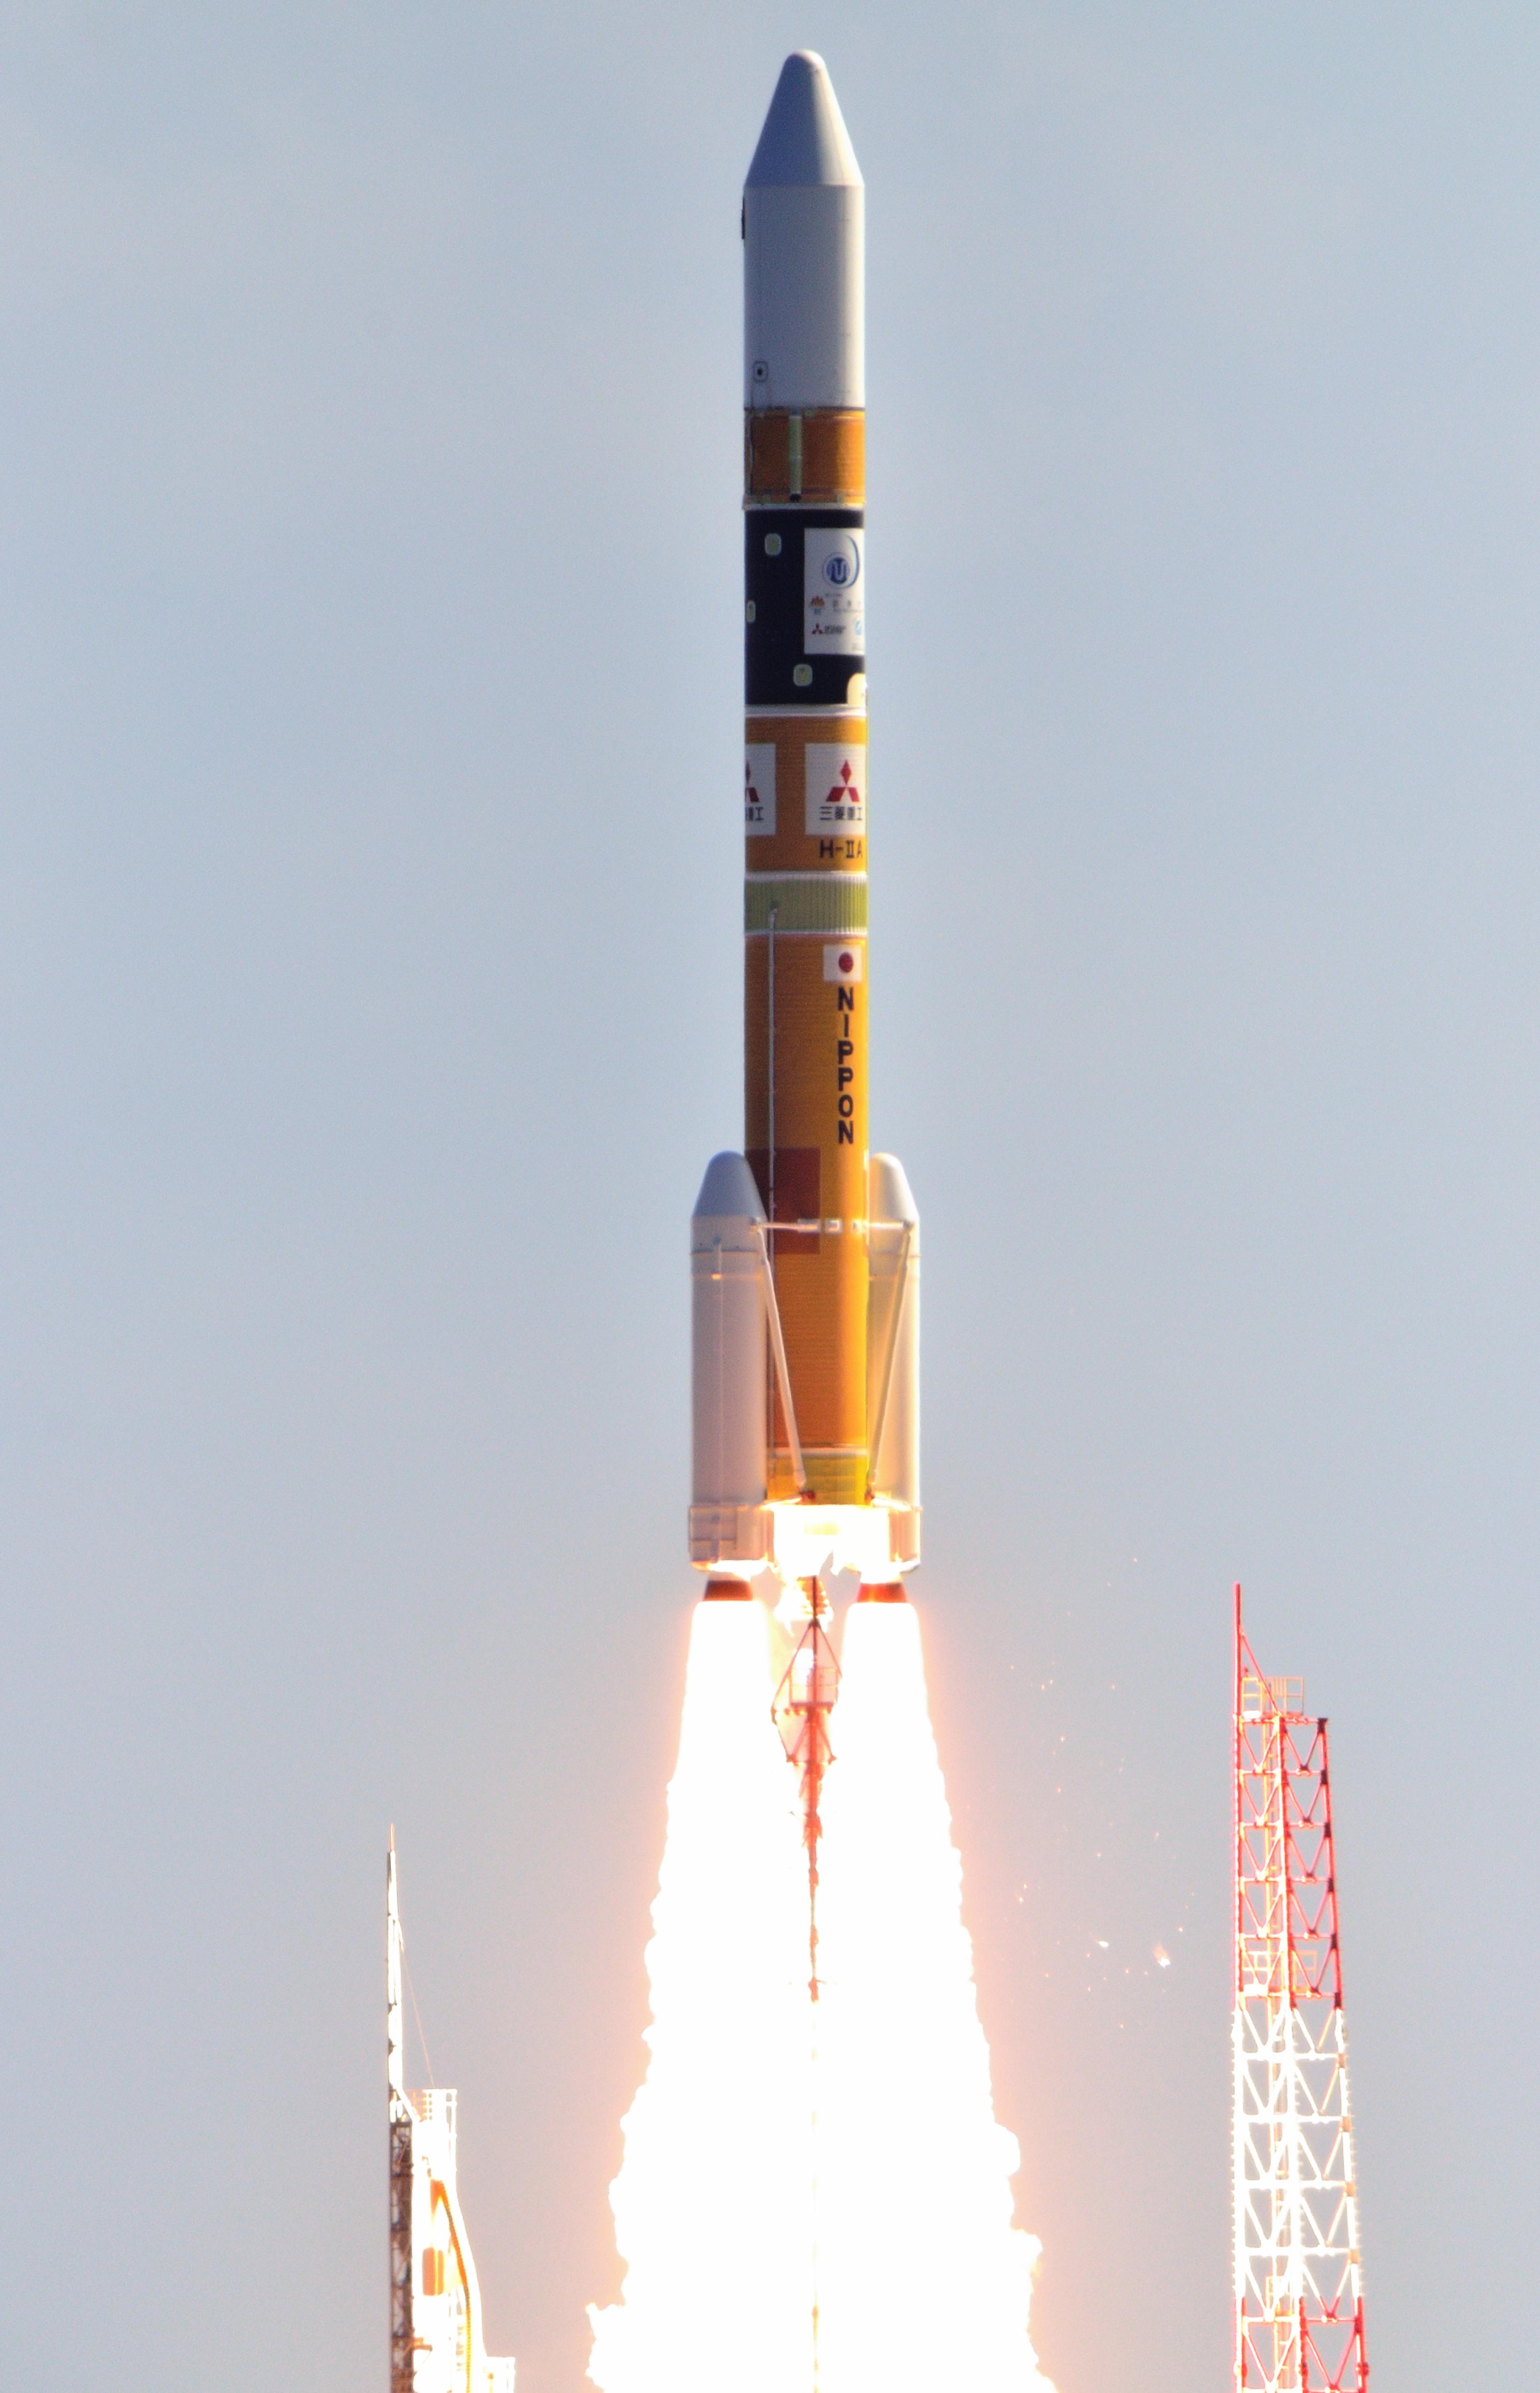 H-IIA 202 – Rockets